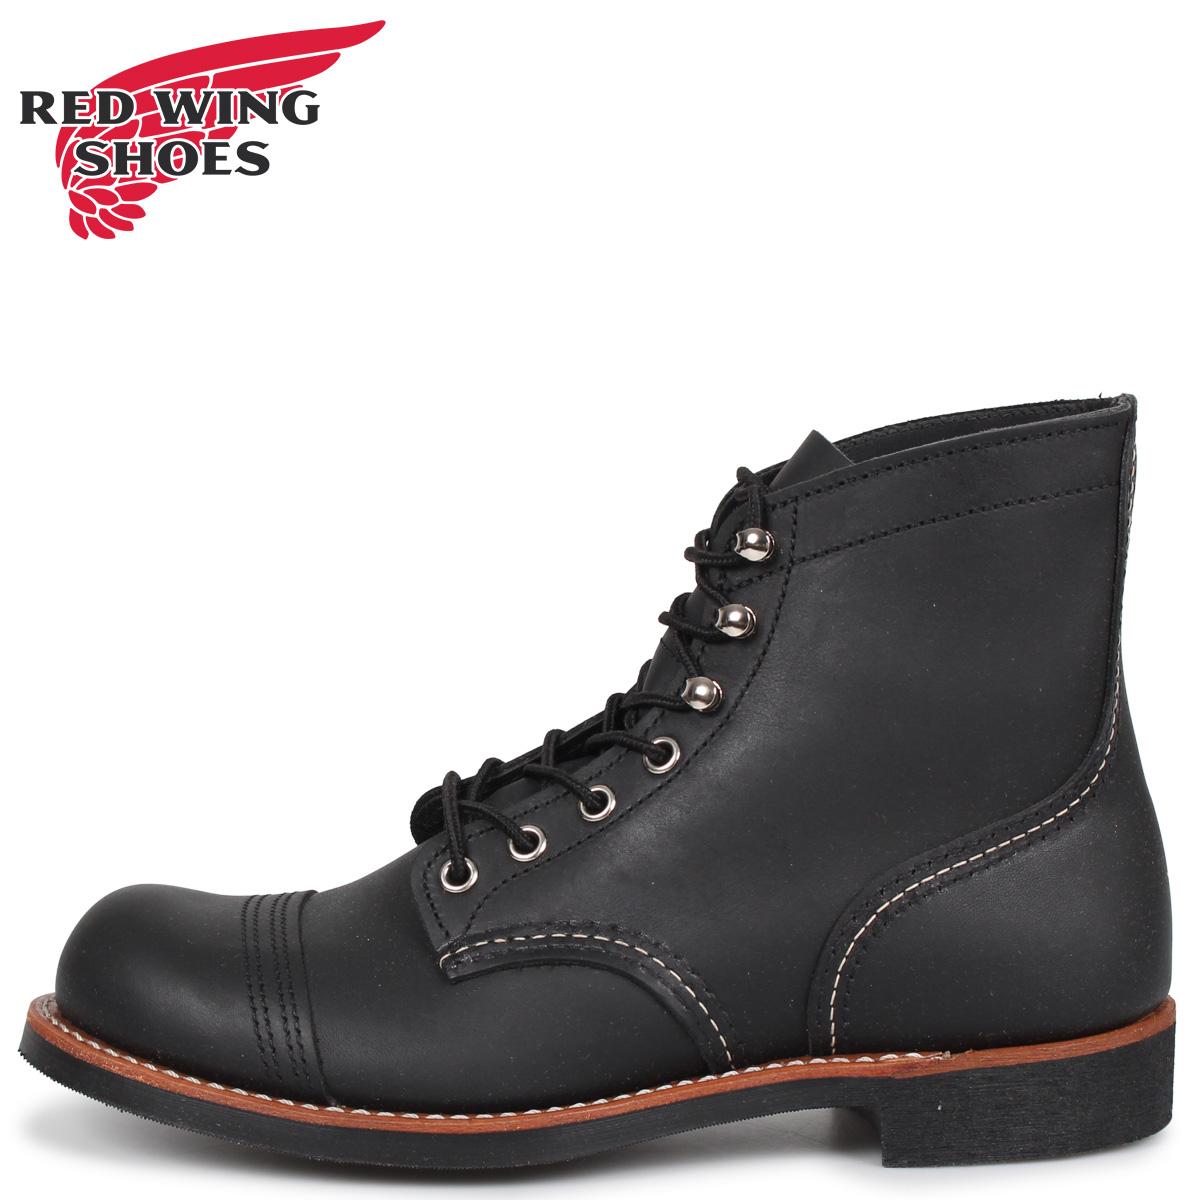 RED WING レッドウィング アイアン レンジ 6インチ ブーツ メンズ Dワイズ アイアンレンジャー 6INCH IRON RANGER ブラック 黒 8084